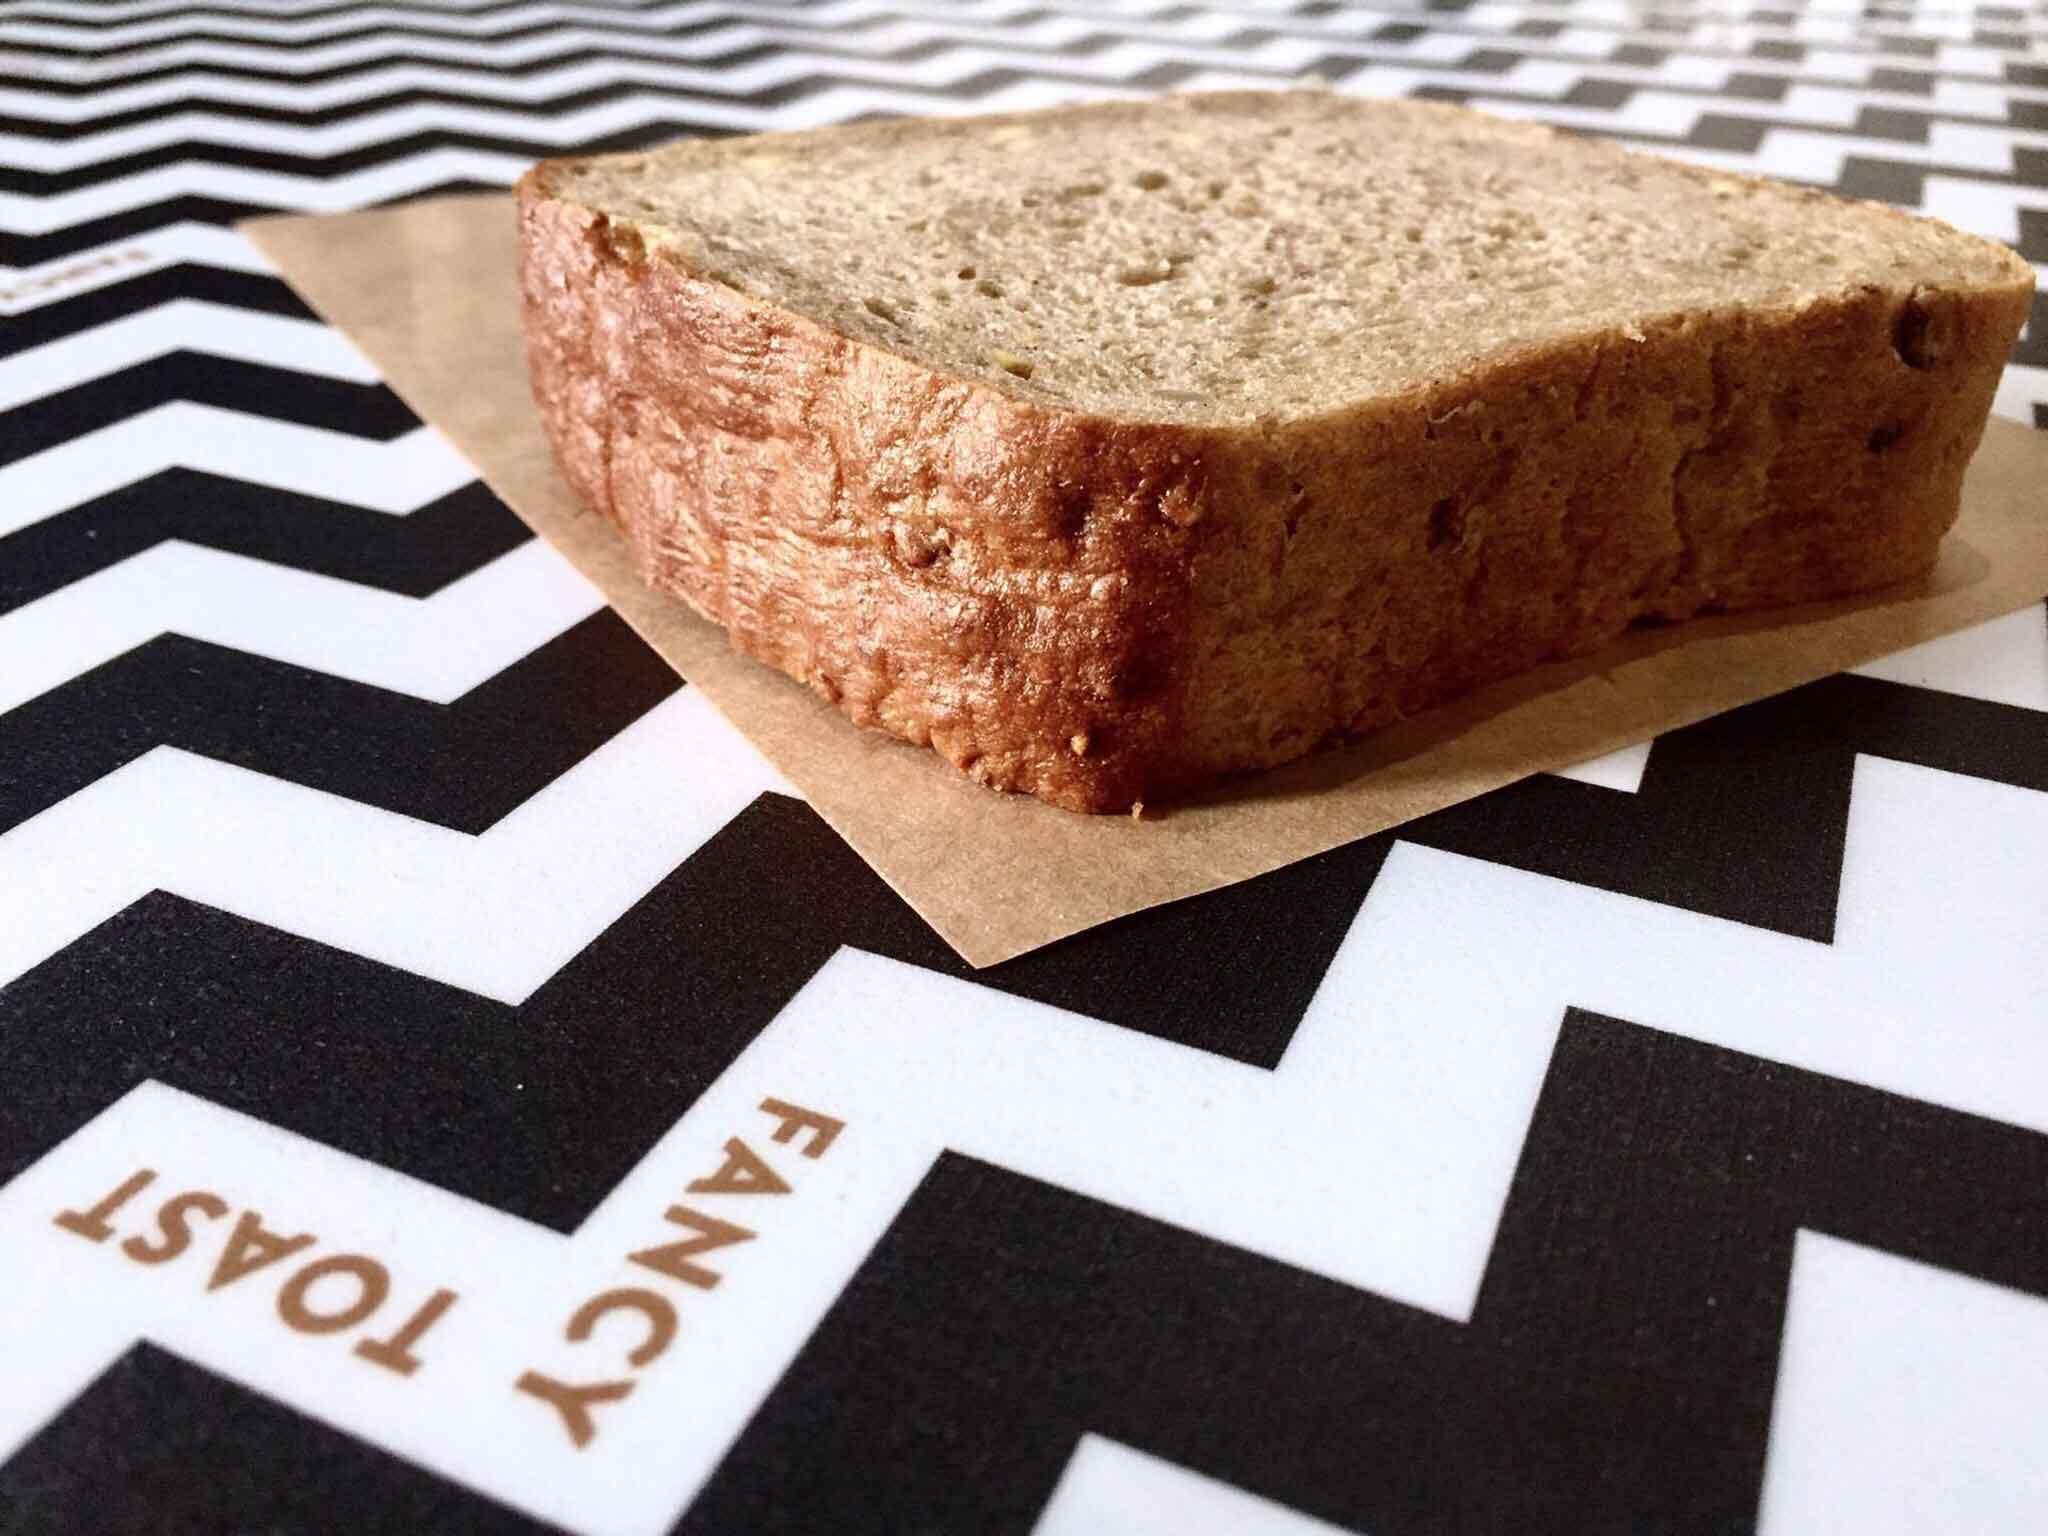 fancy-toast-fetta